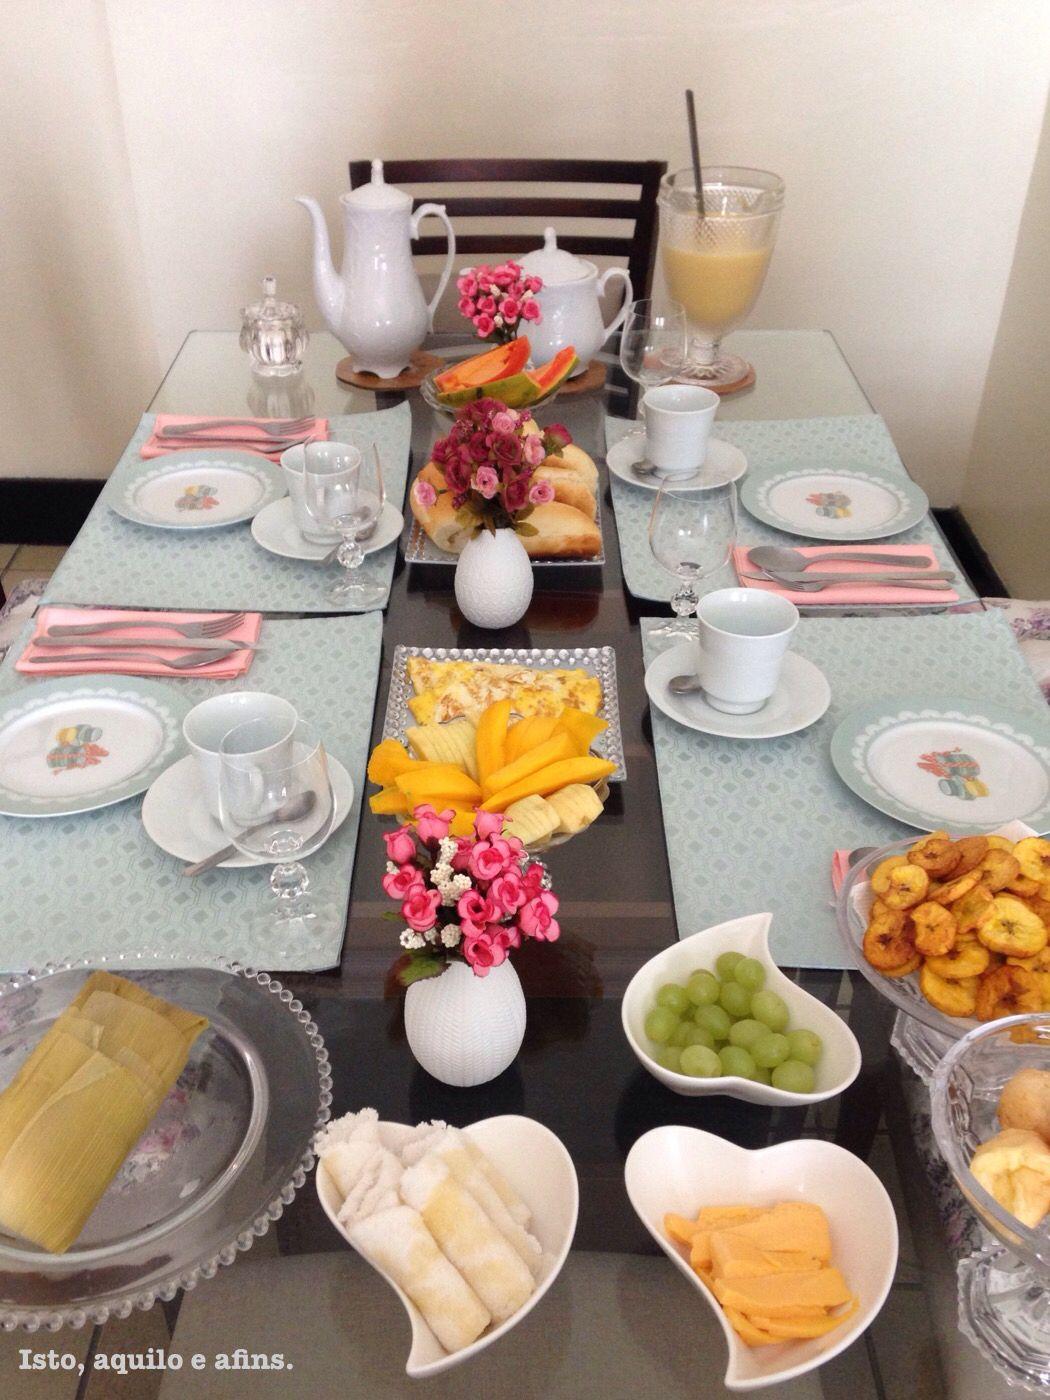 Café da manhã dia dos pais. @isto_aquilo_e_afins